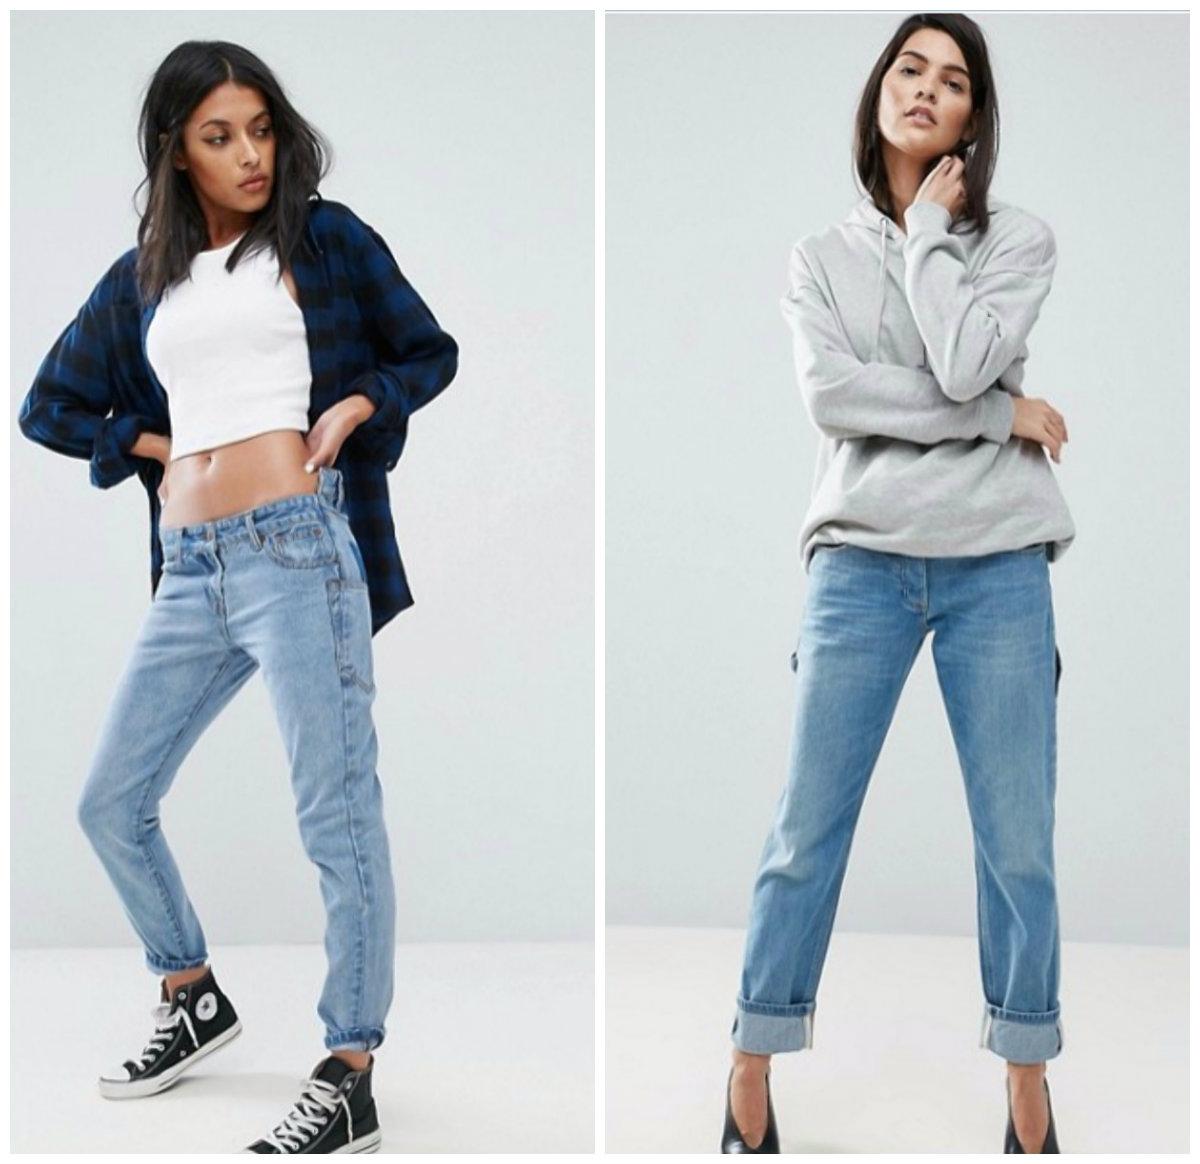 Модные-джинсы-2018-женские-Крой-фото-Длина-Крой-Декор-Цвет- джинсы 2018